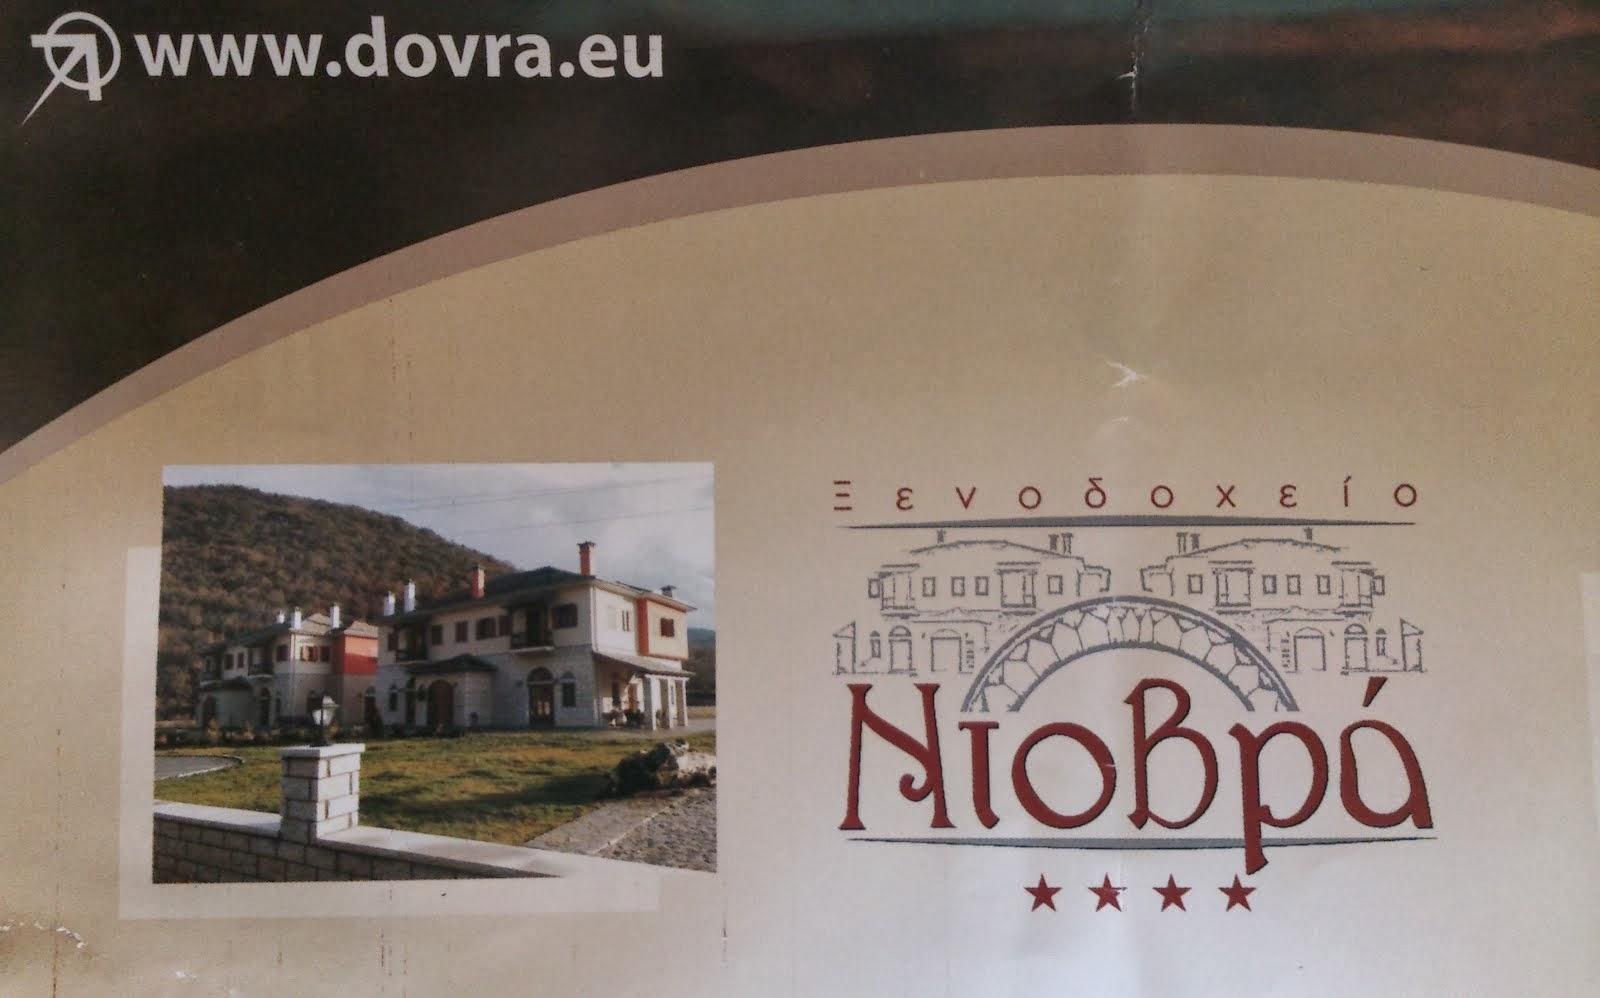 Ξενοδοχείο Ντοβρά